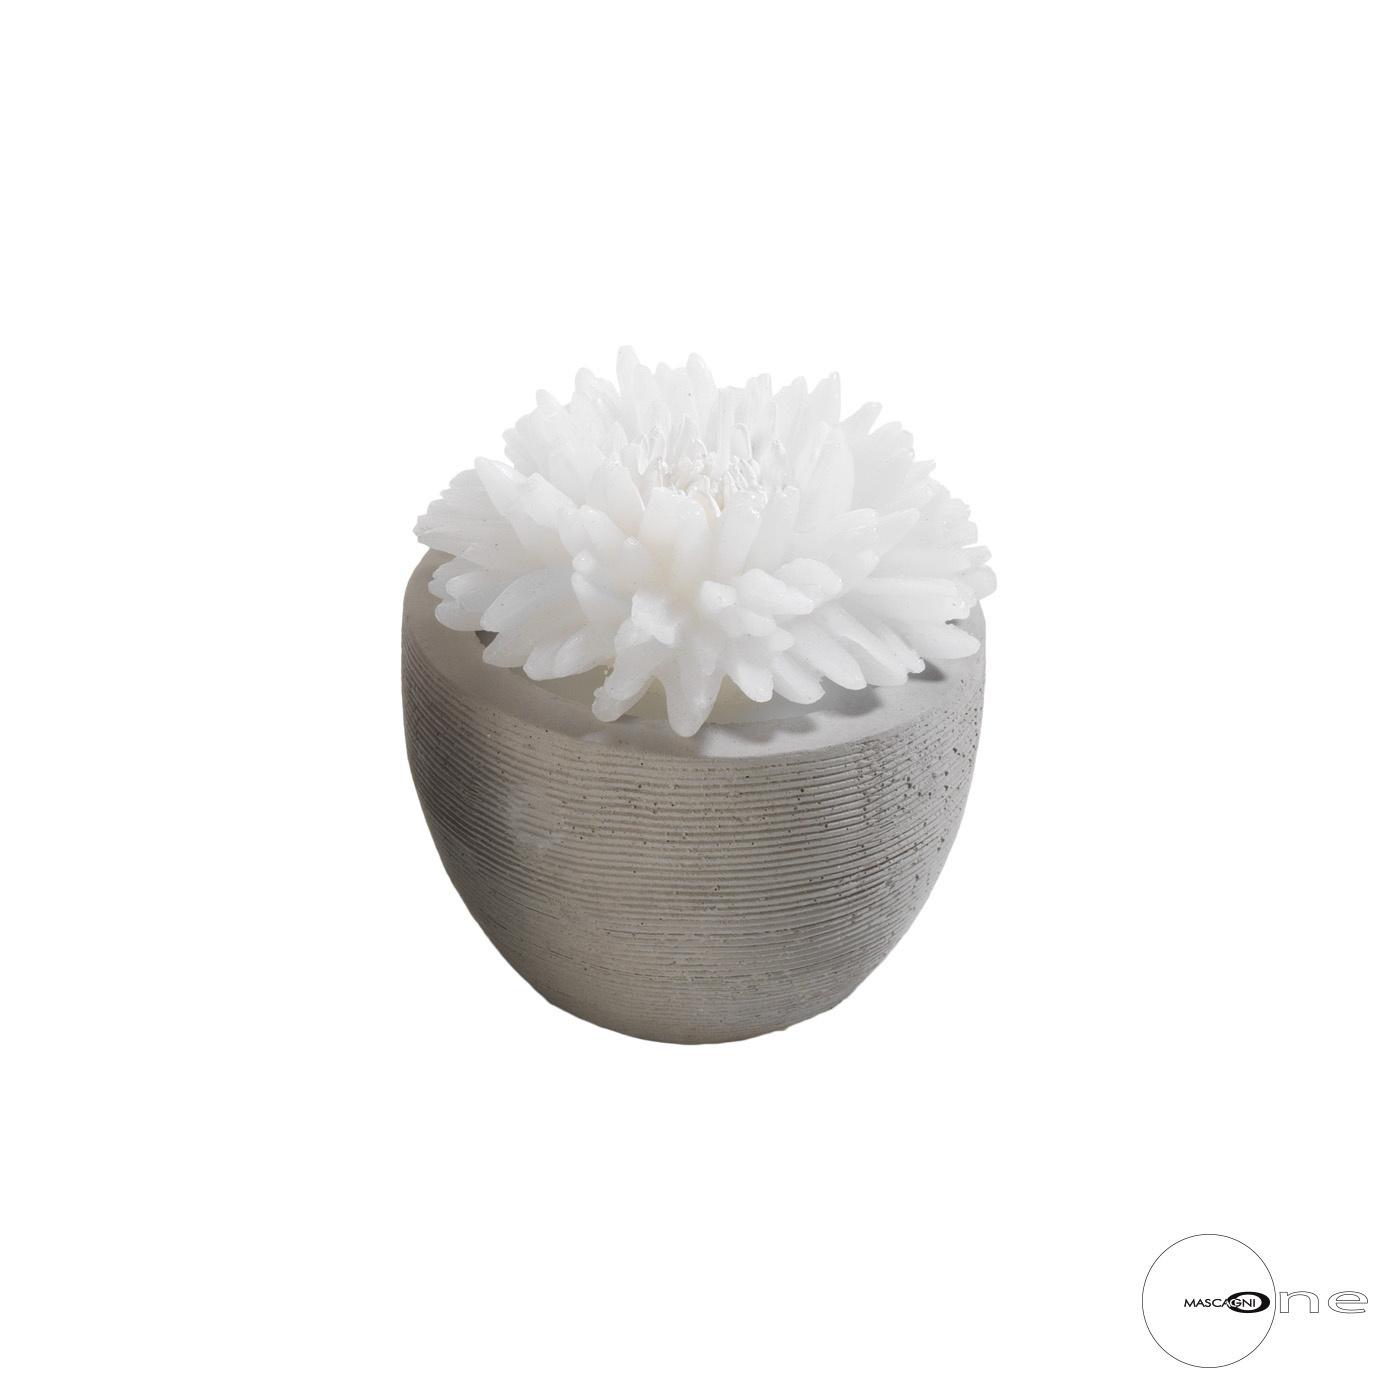 Art Mascagni O1494 CANDLE DIAM.9,5 - COL.WHITE